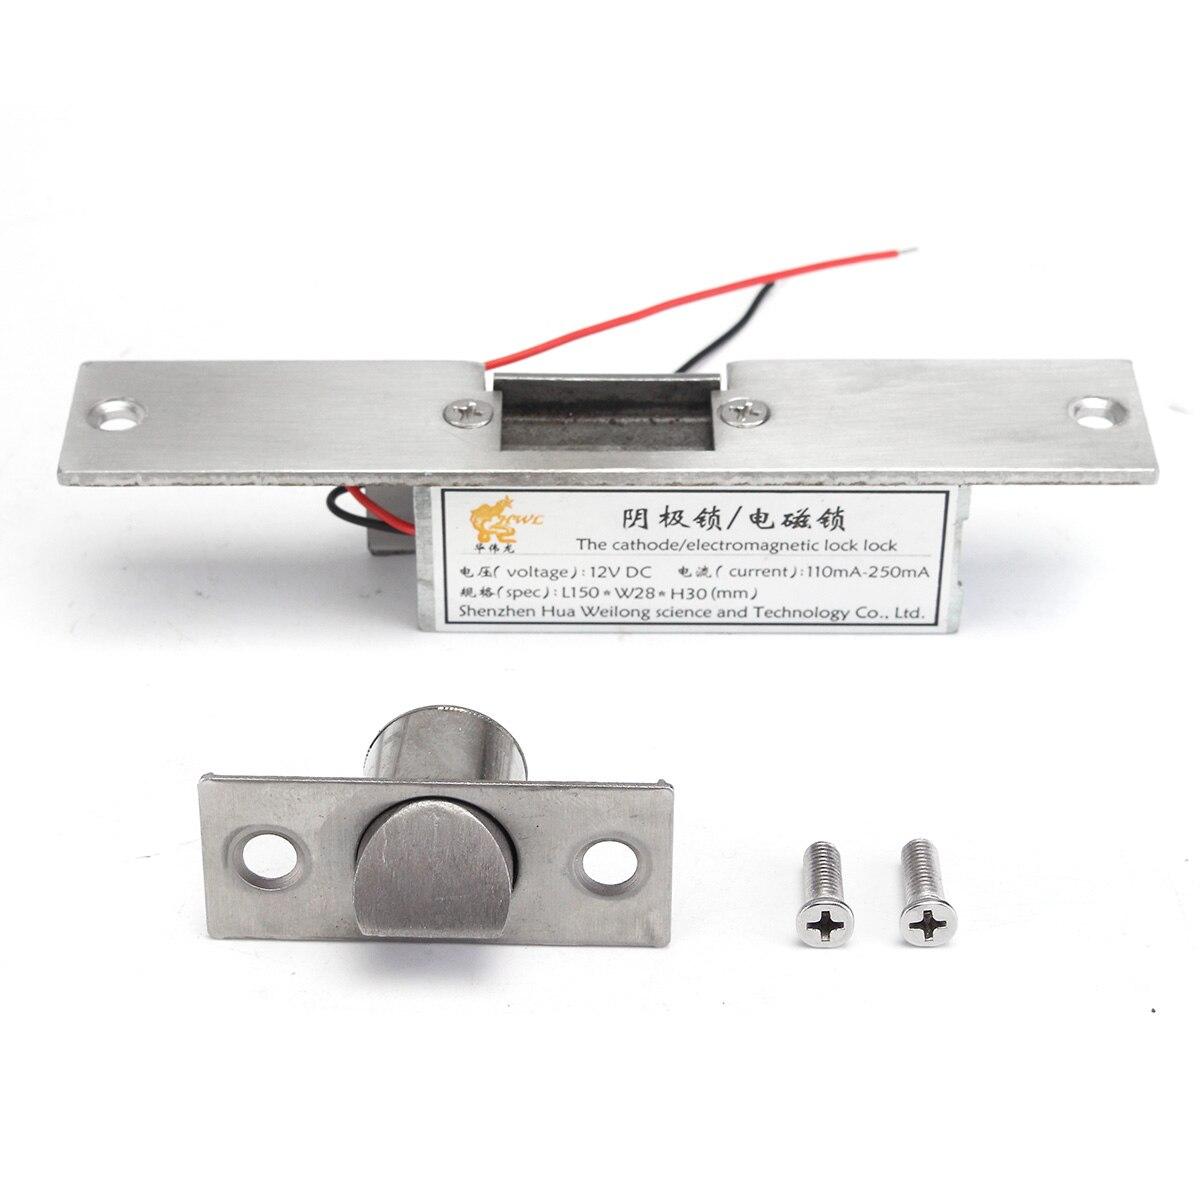 NOVA Safurance 12 v Fail Safe NC Cátodo Greve Elétrica Bloqueio Para Controle de Acesso Porta de Segurança Em Casa De Madeira De Metal